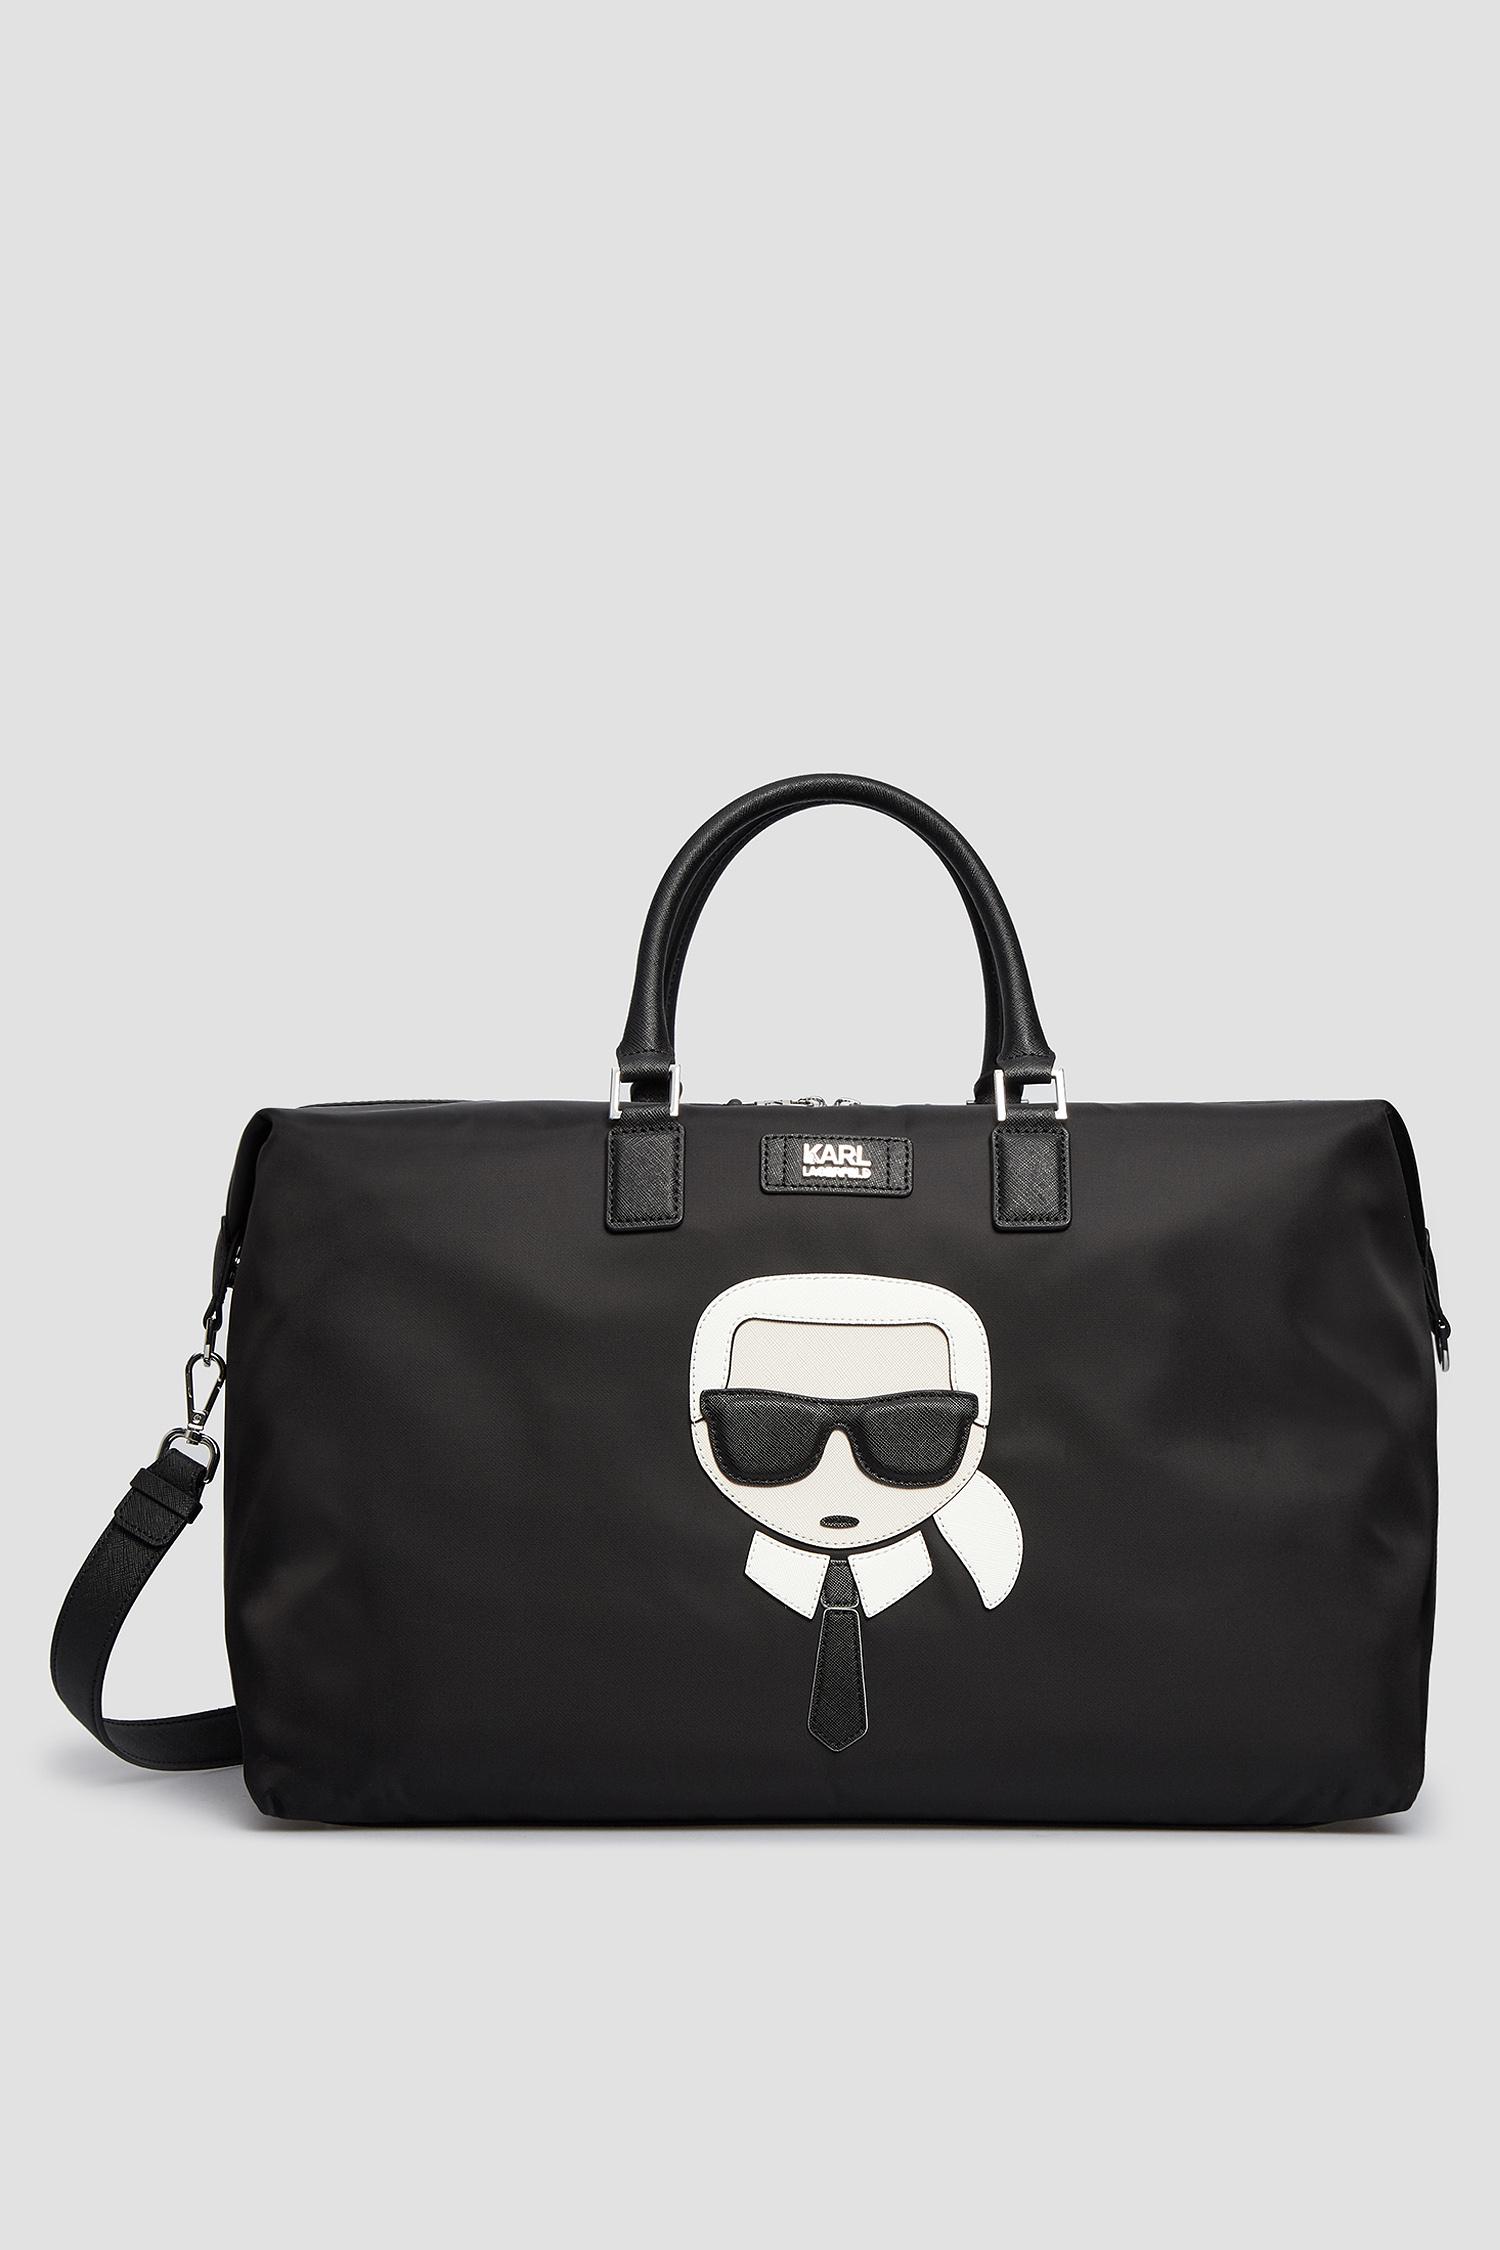 Чоловіча чорна дорожня сумка Karl Lagerfeld 502199.805911;990